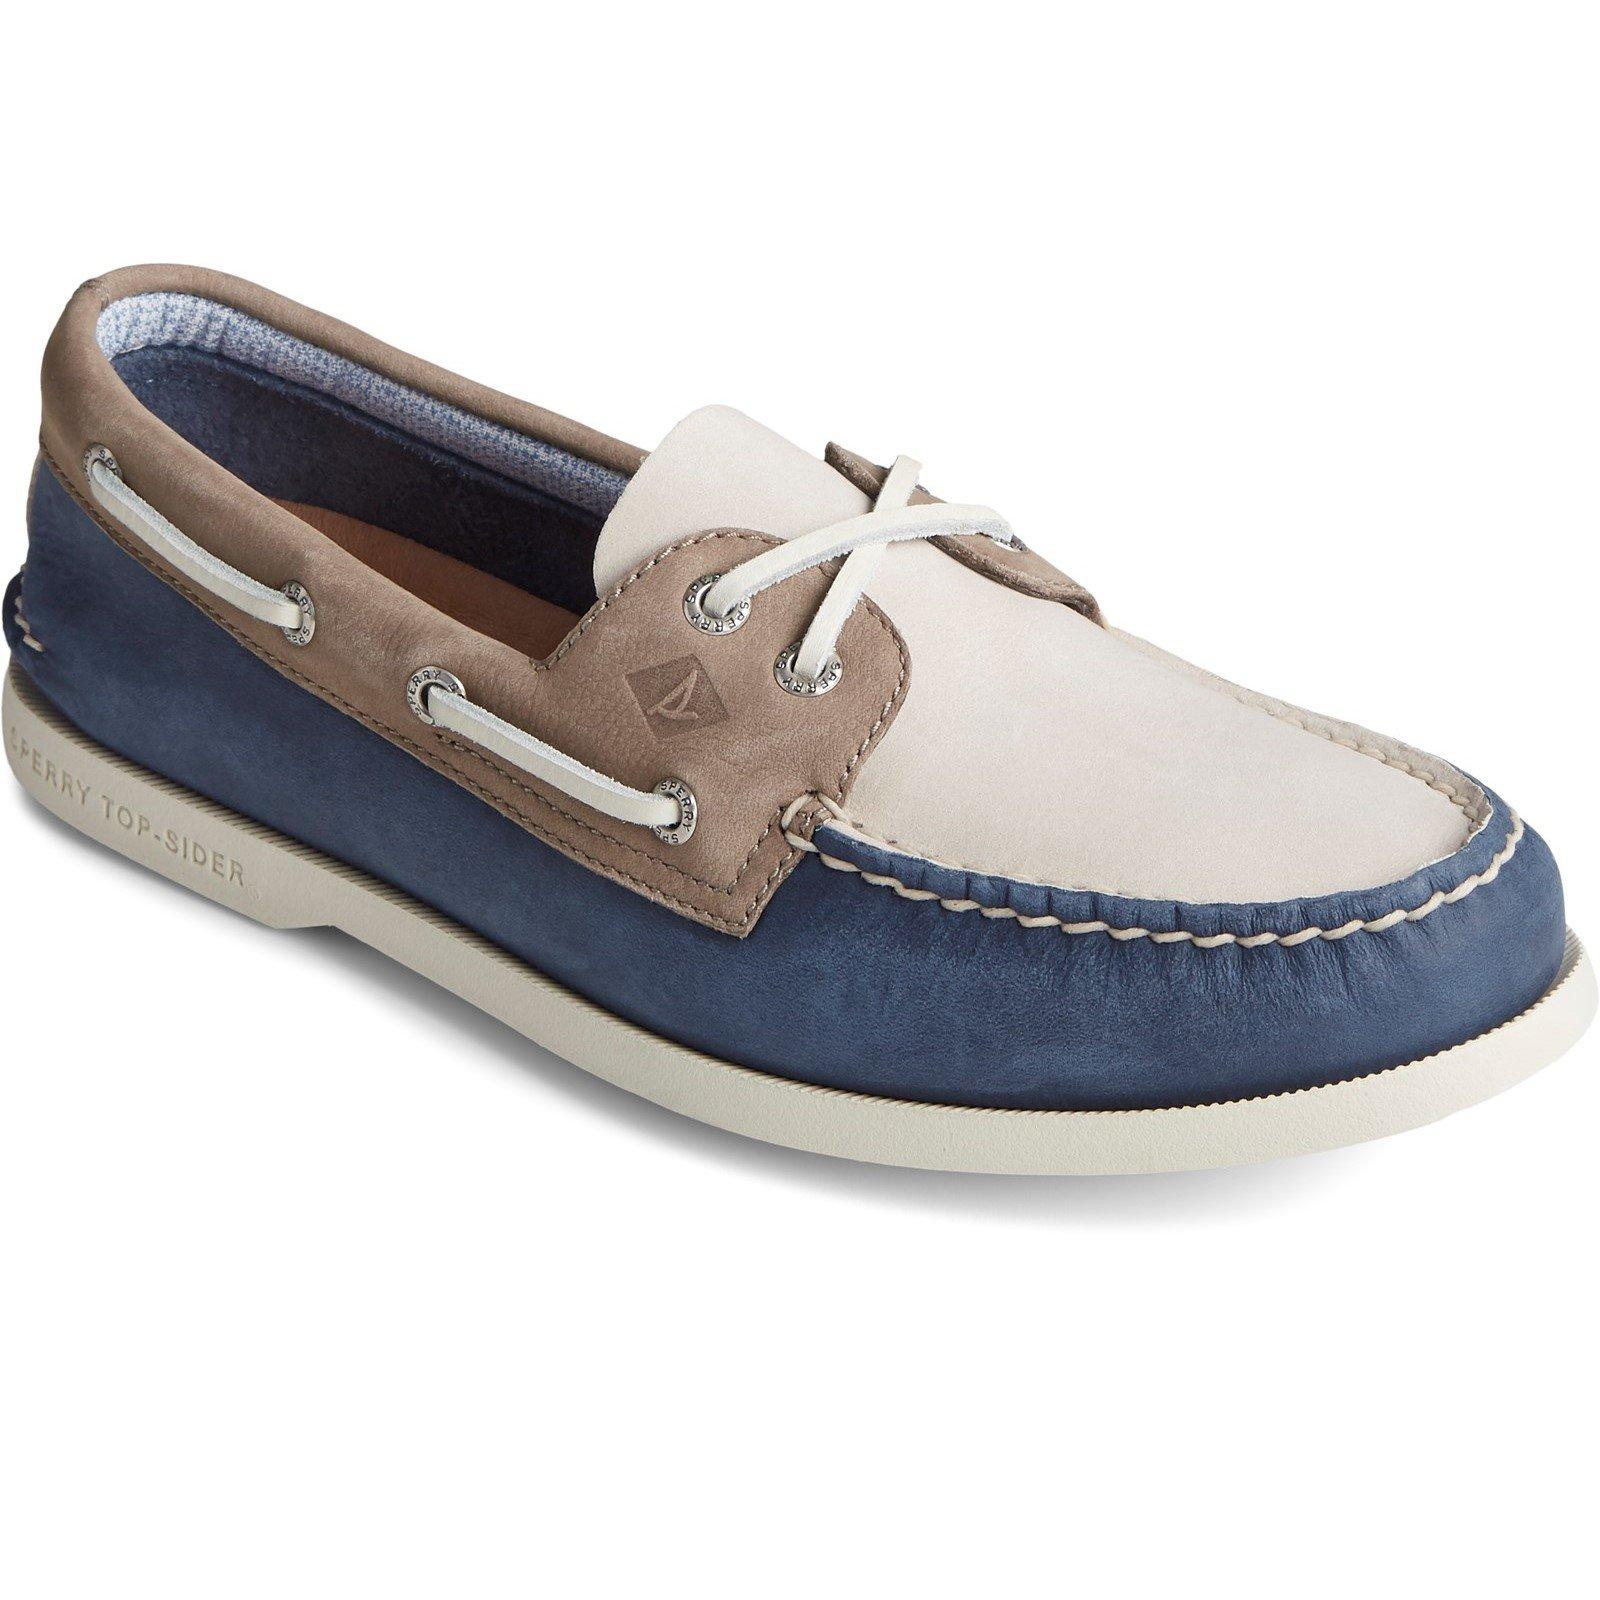 Sperry Men's Authentic Original PLUSHWAVE Boat Shoe Various Colours 31525 - Multicoloured 6